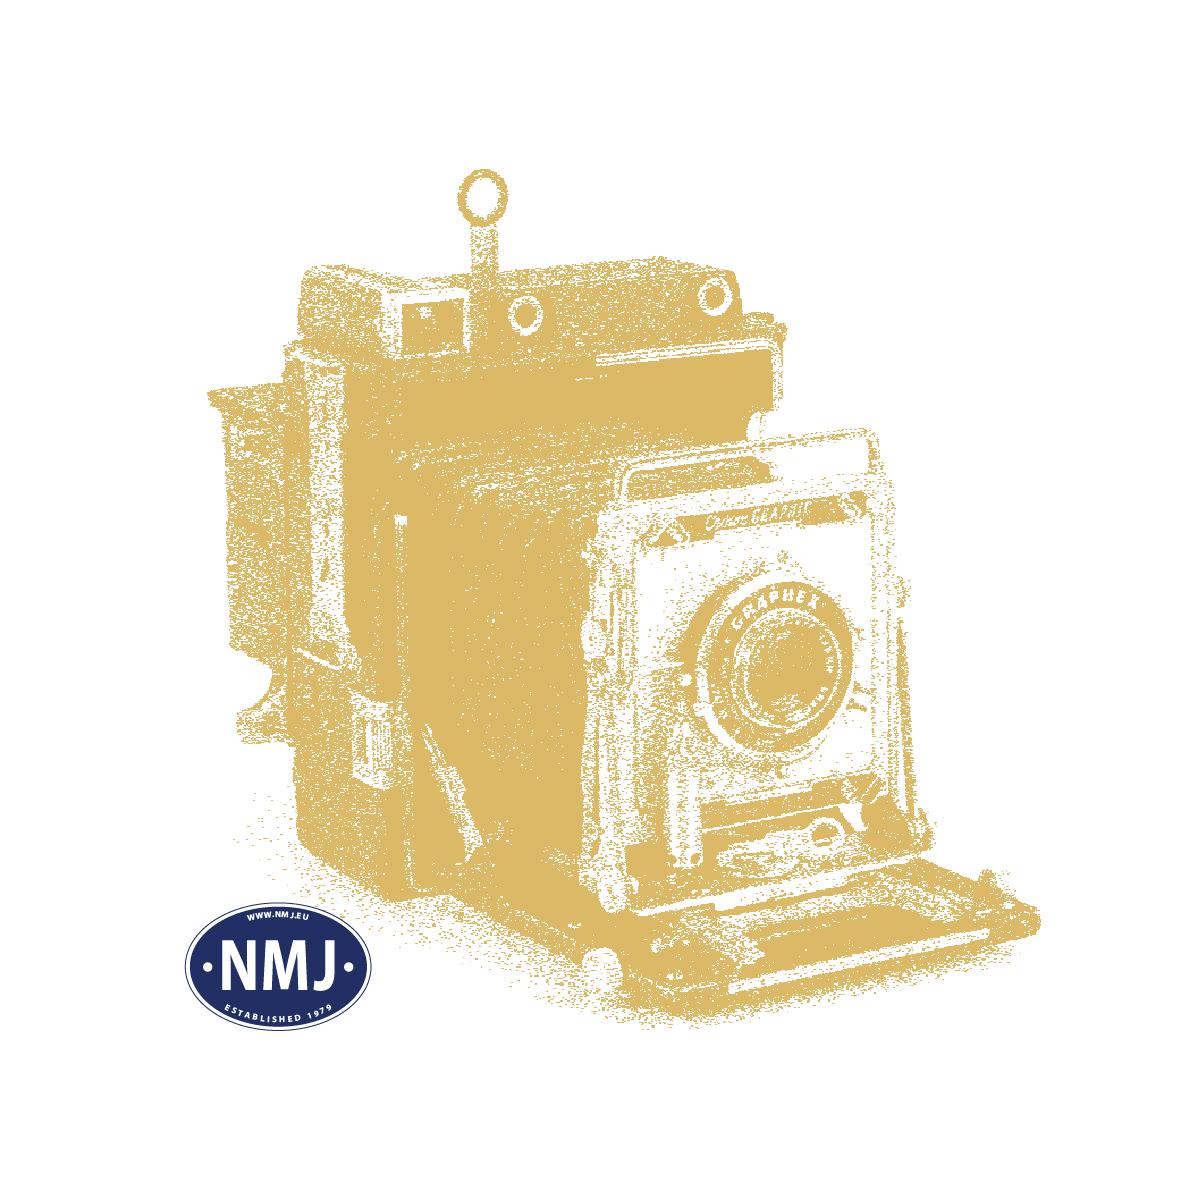 NMJT508.201 - NMJ Topline NSB Kjølevogn Iblps 20 76 805 3013-7